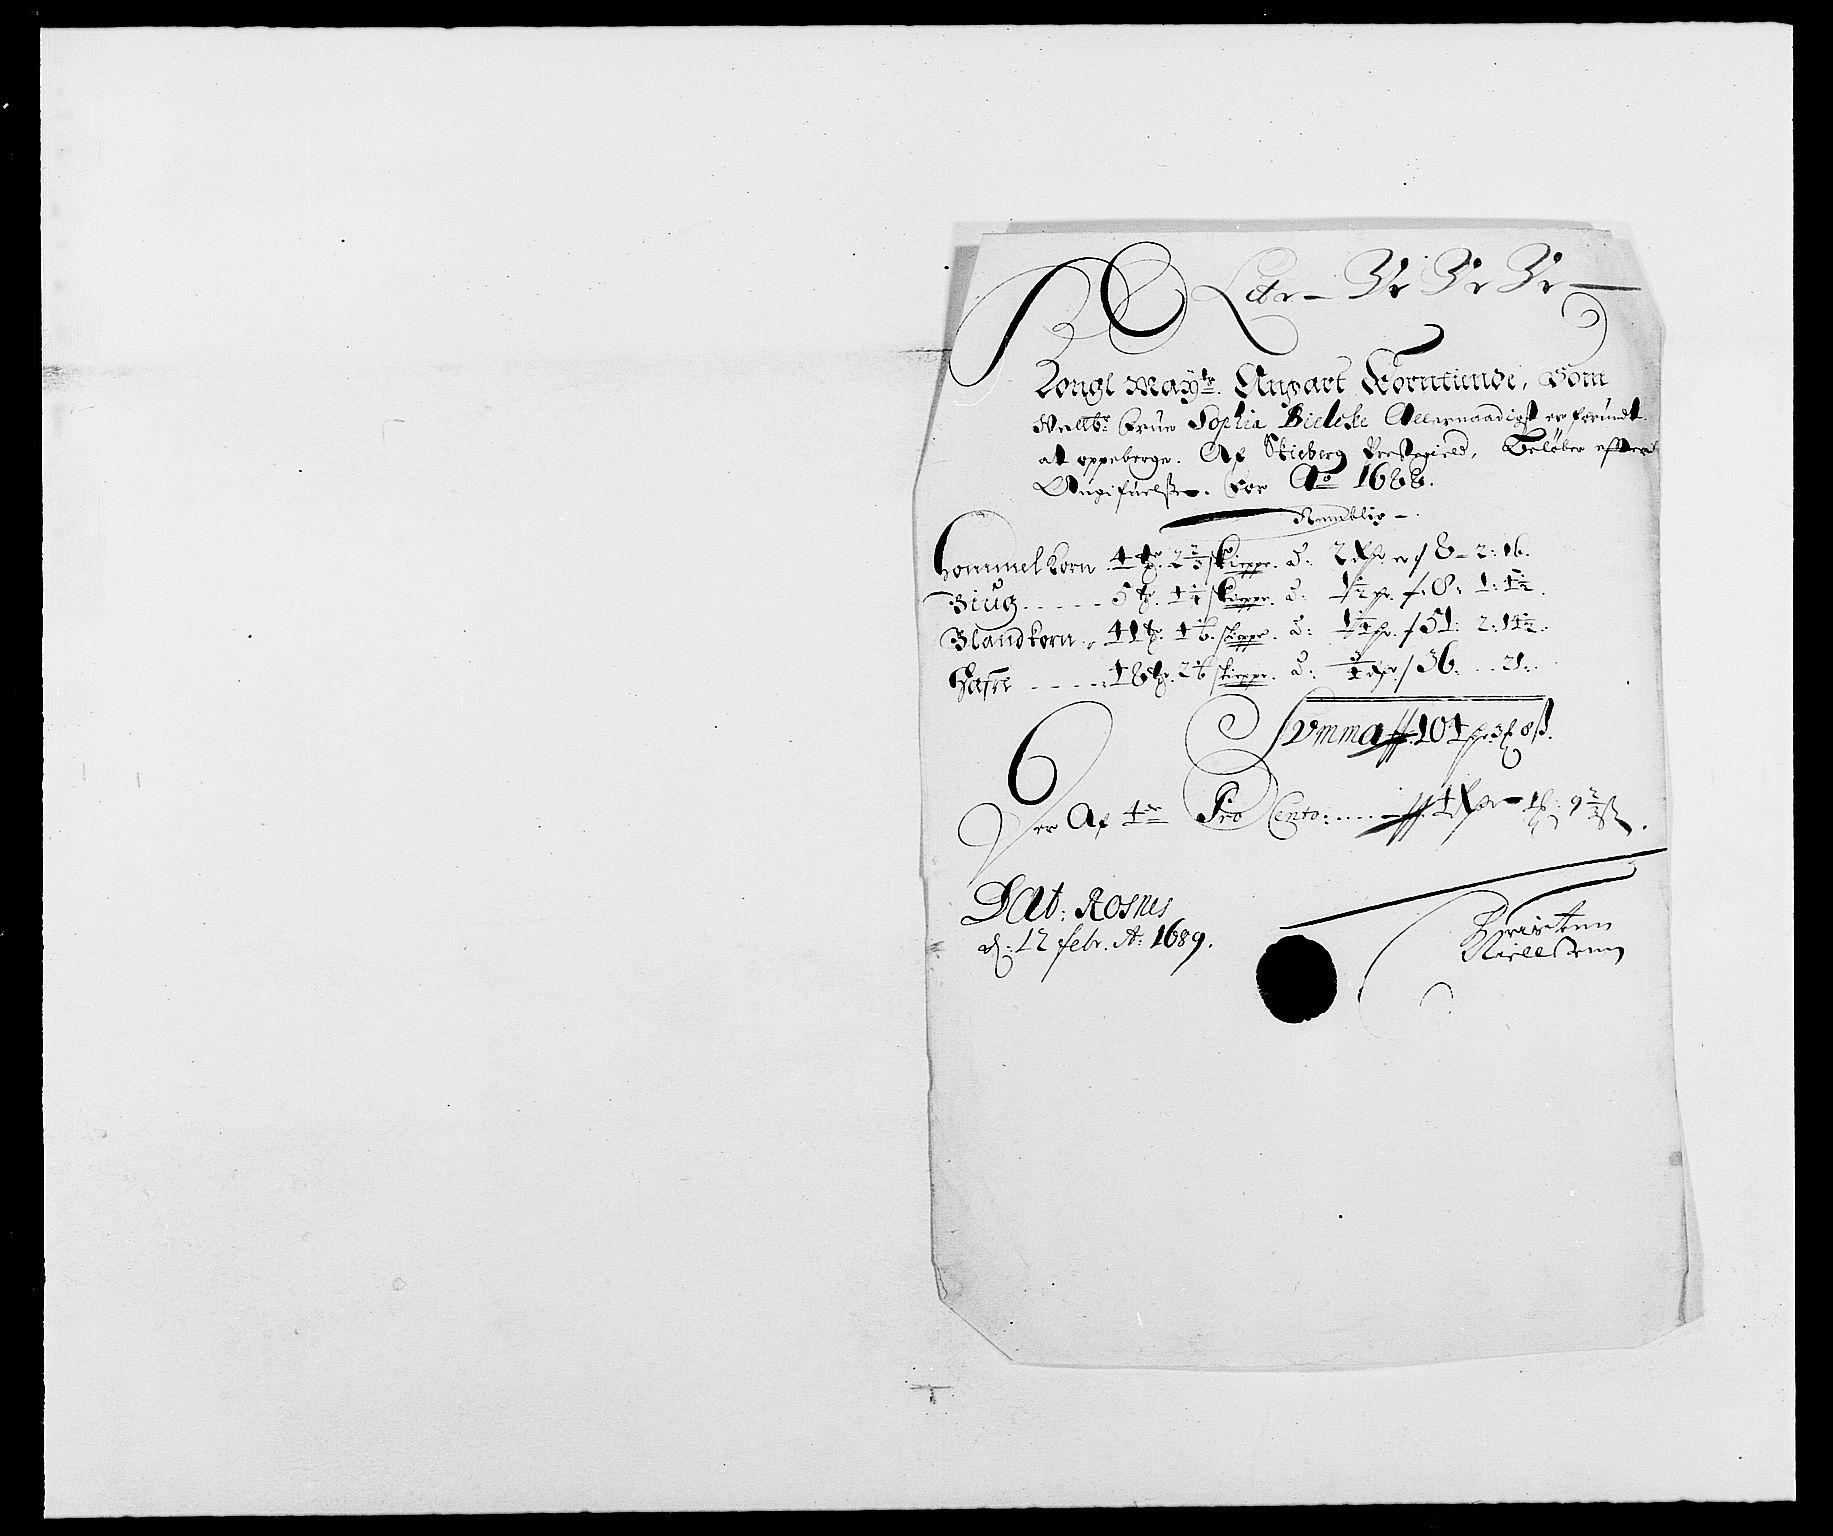 RA, Rentekammeret inntil 1814, Reviderte regnskaper, Fogderegnskap, R01/L0007: Fogderegnskap Idd og Marker, 1687-1688, s. 347